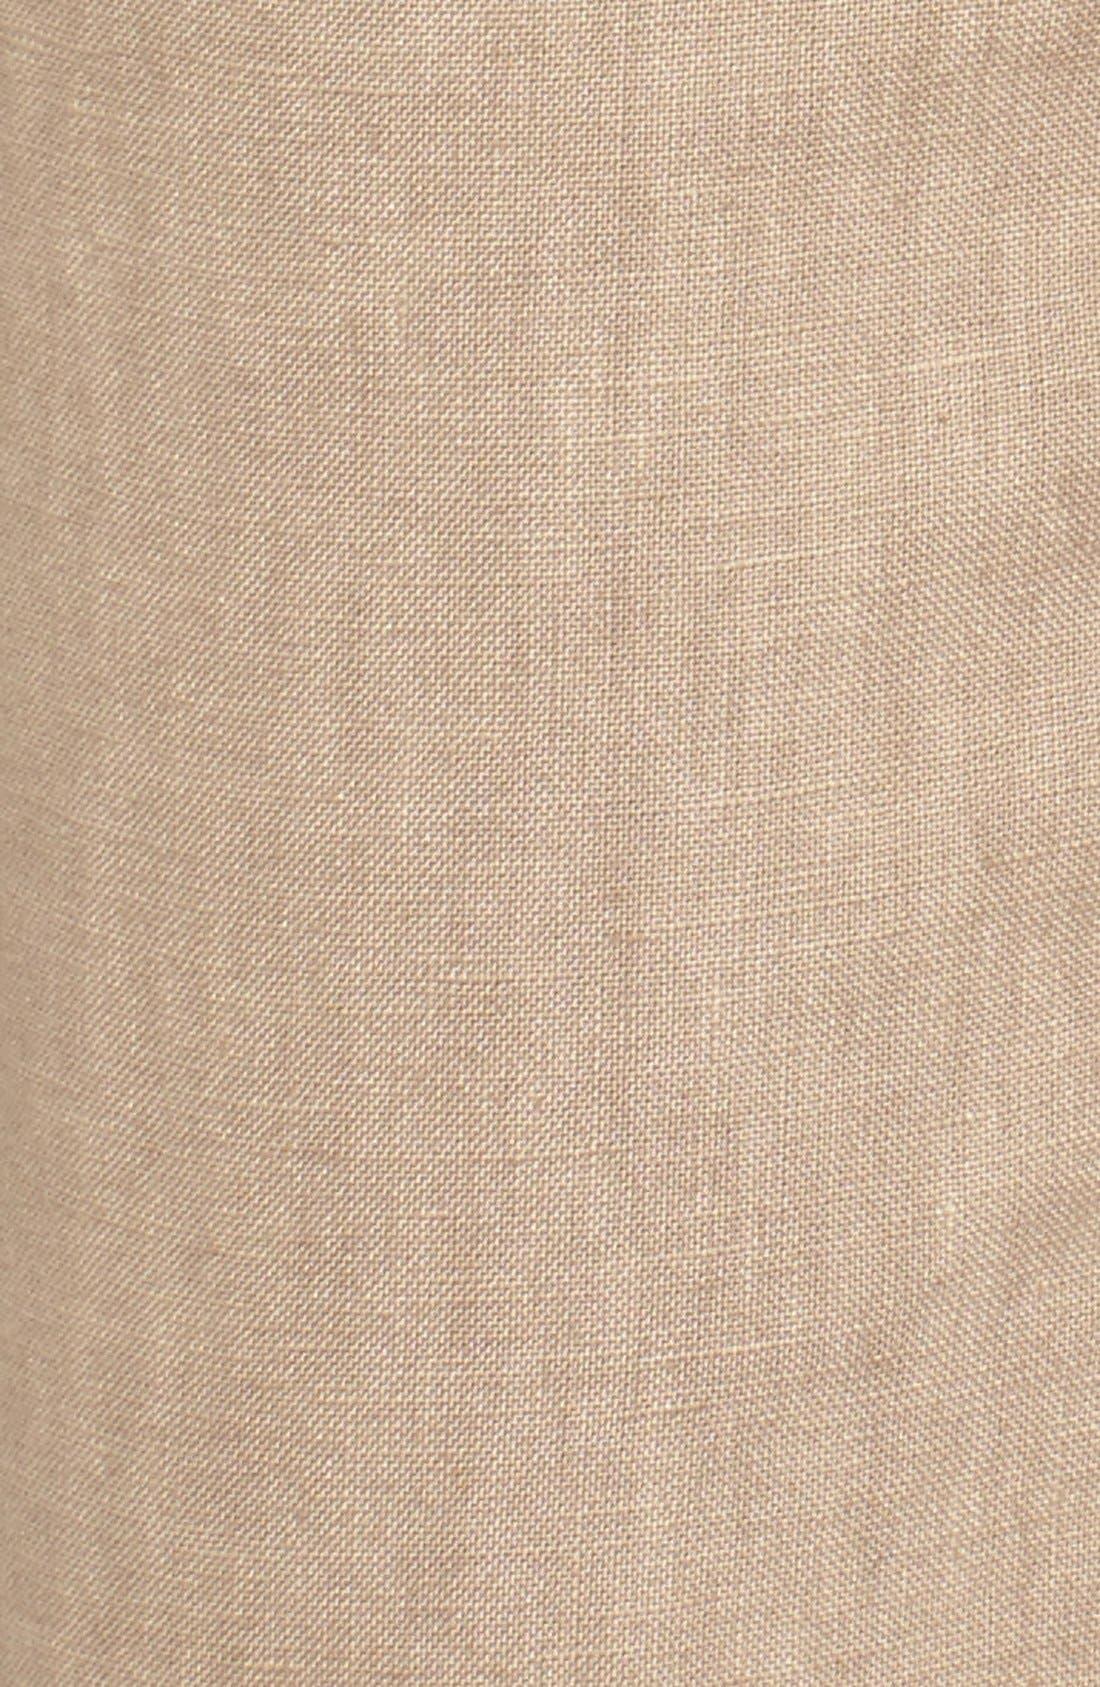 Crop Linen Joggers,                             Alternate thumbnail 28, color,